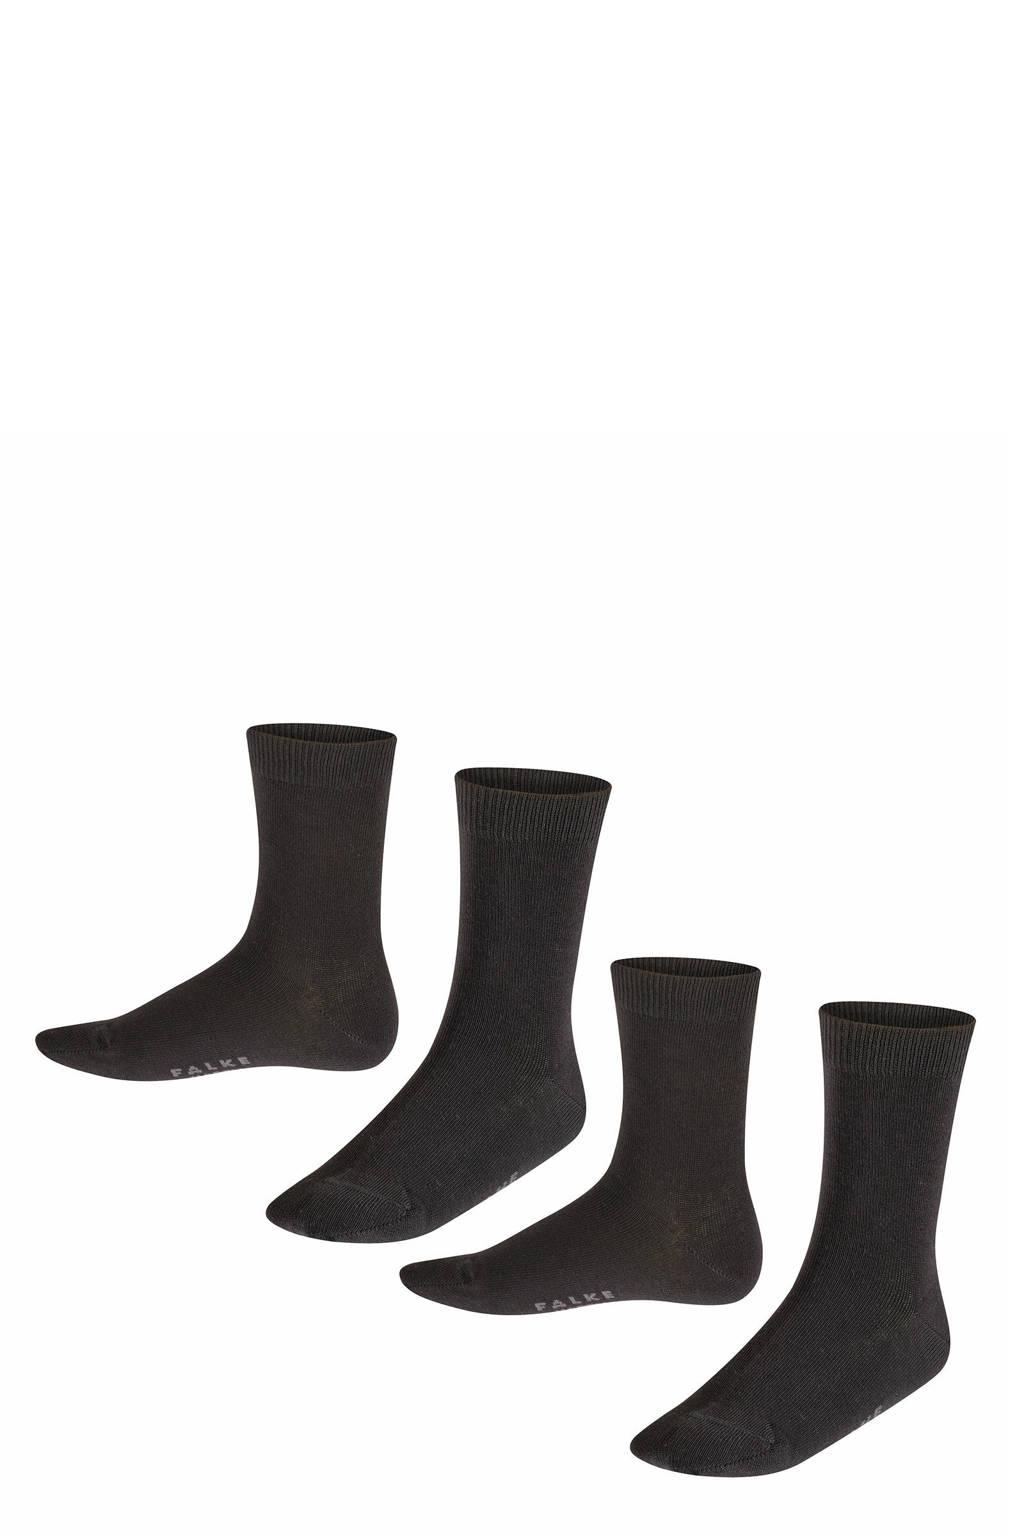 FALKE Happy sokken - set van 2 zwart, Zwart